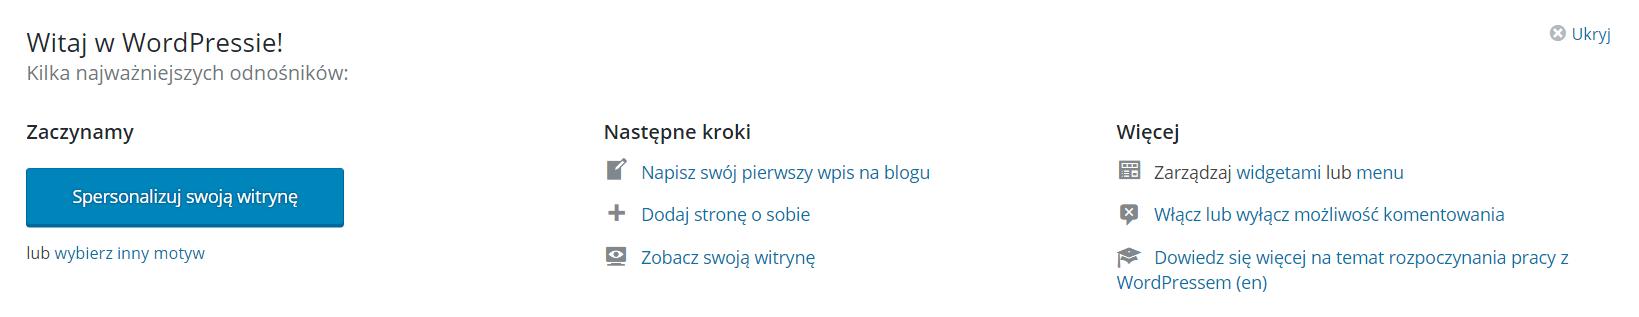 Pierwsze kroki w WordPressie - kokpit